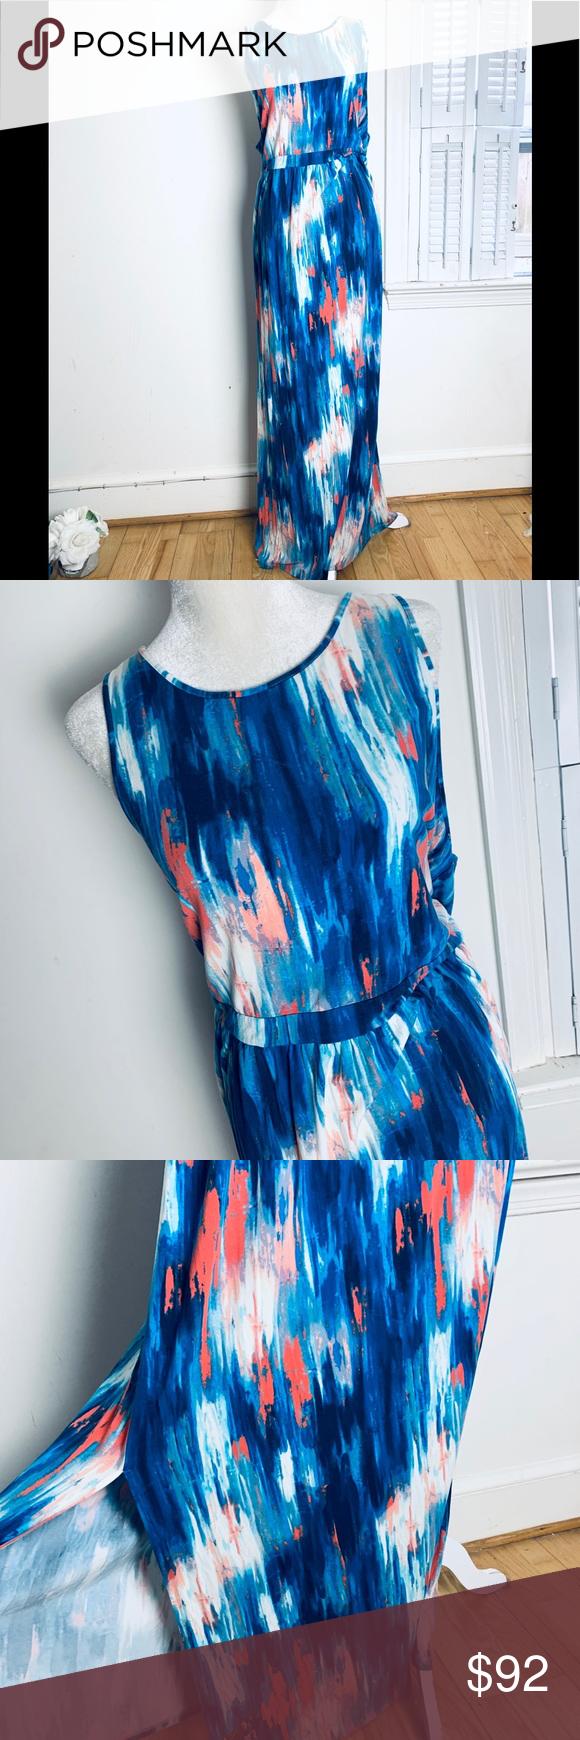 Tart Tie Dye Maxi Dress Plus Size 4x Plus Size Maxi Dresses Tie Dye Maxi Tie Dye Maxi Dresses [ 1740 x 580 Pixel ]